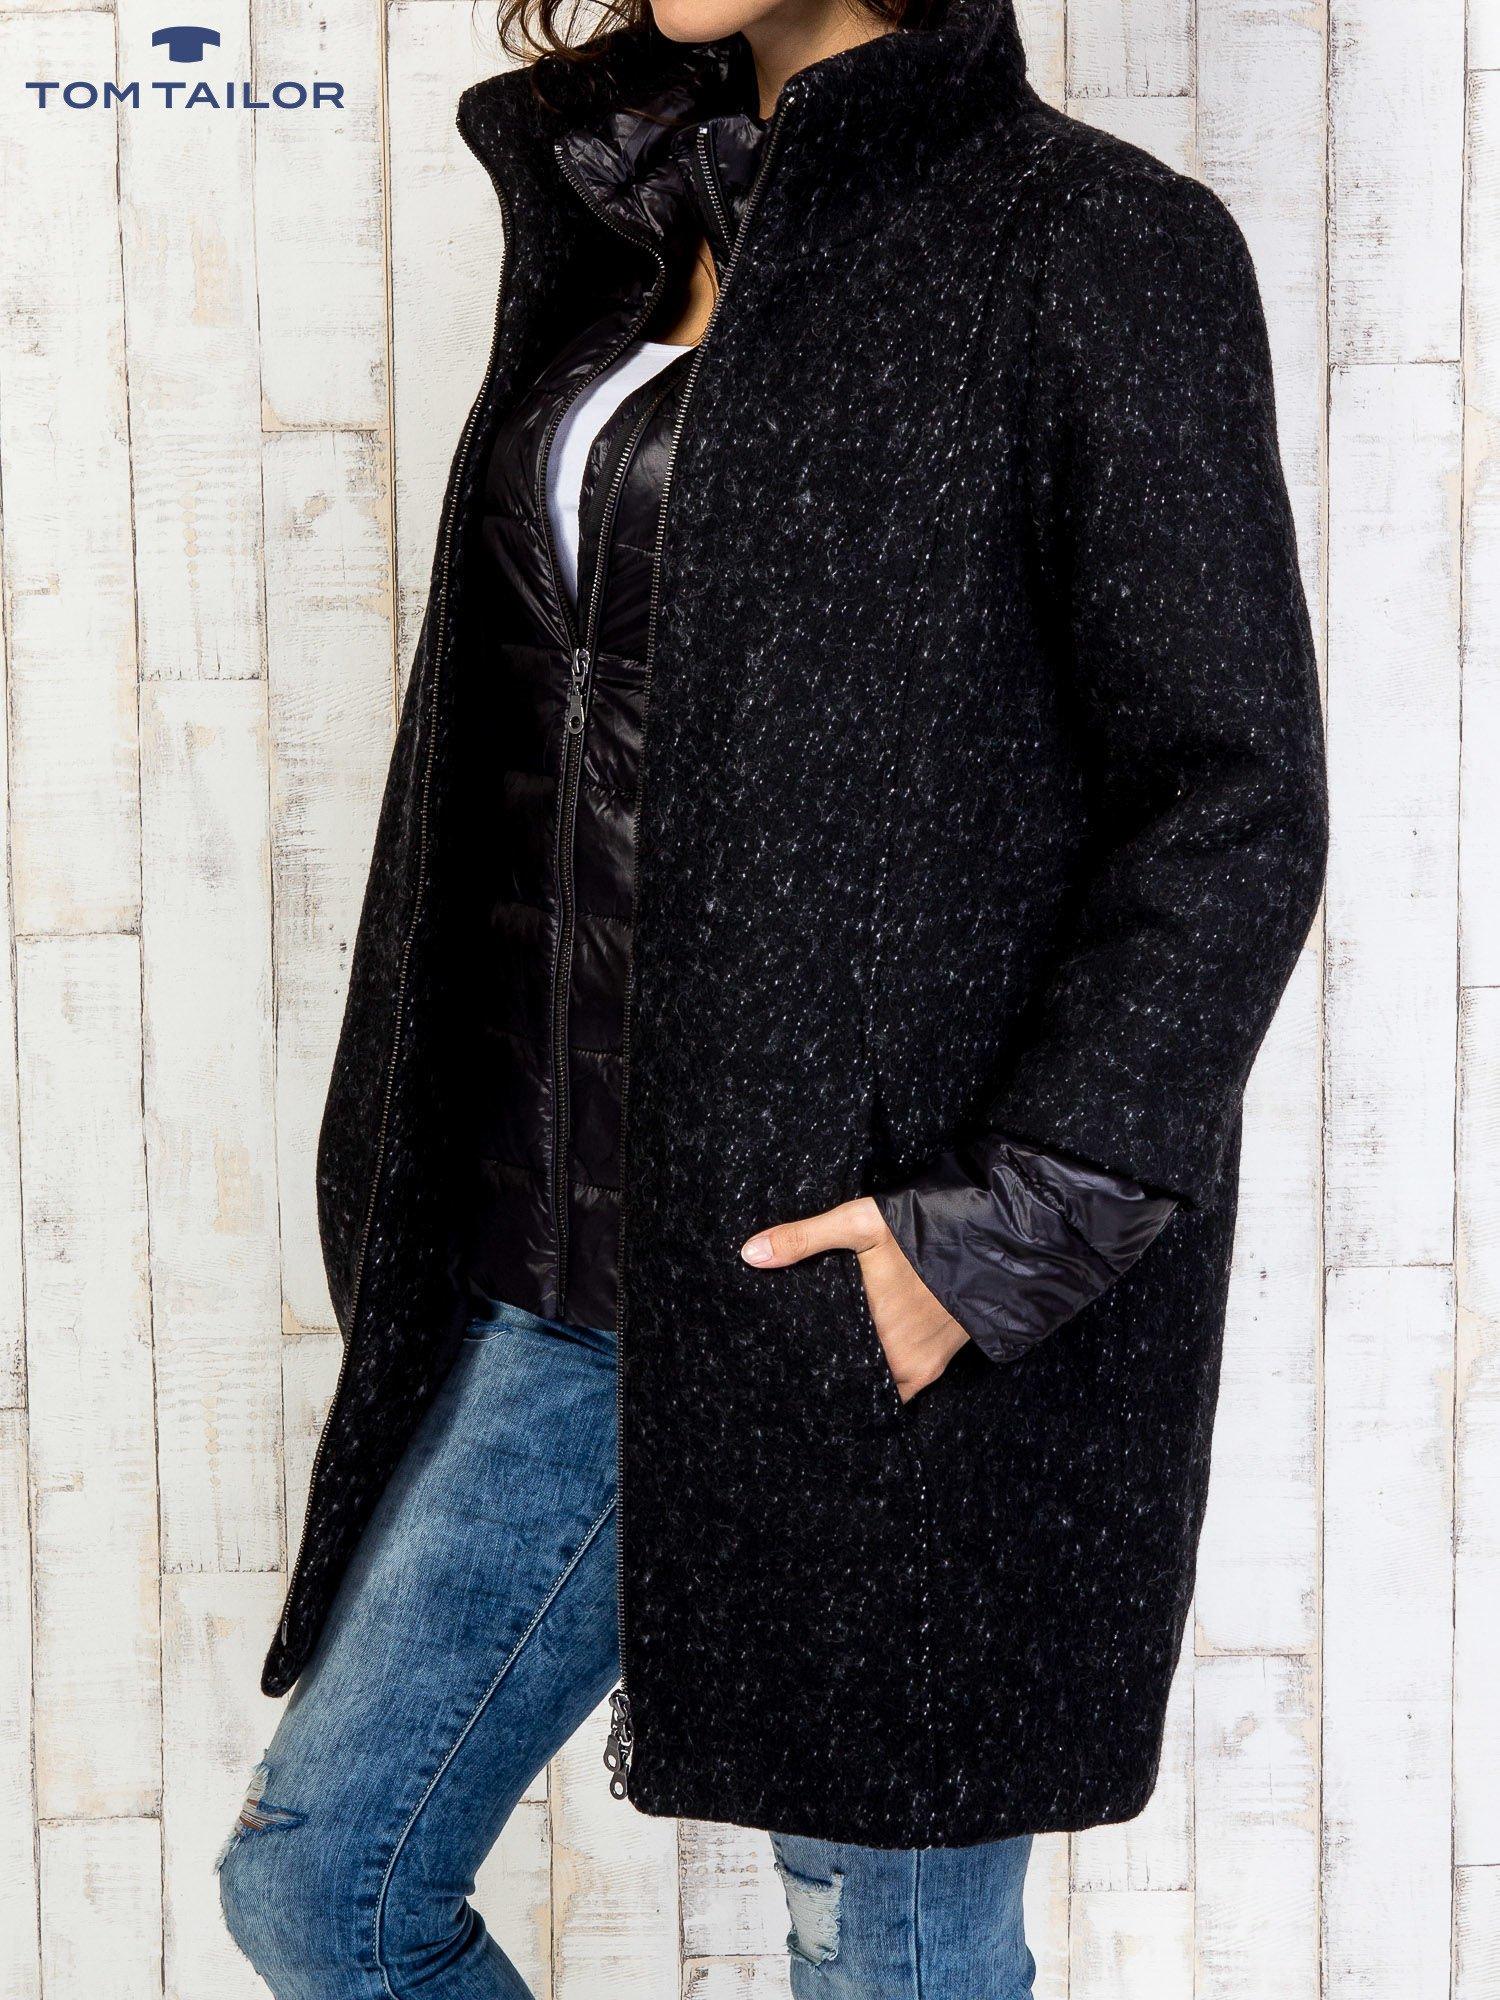 TOM TAILOR Czarny dwuczęściowy płaszcz z kurtką pikowaną                                  zdj.                                  4